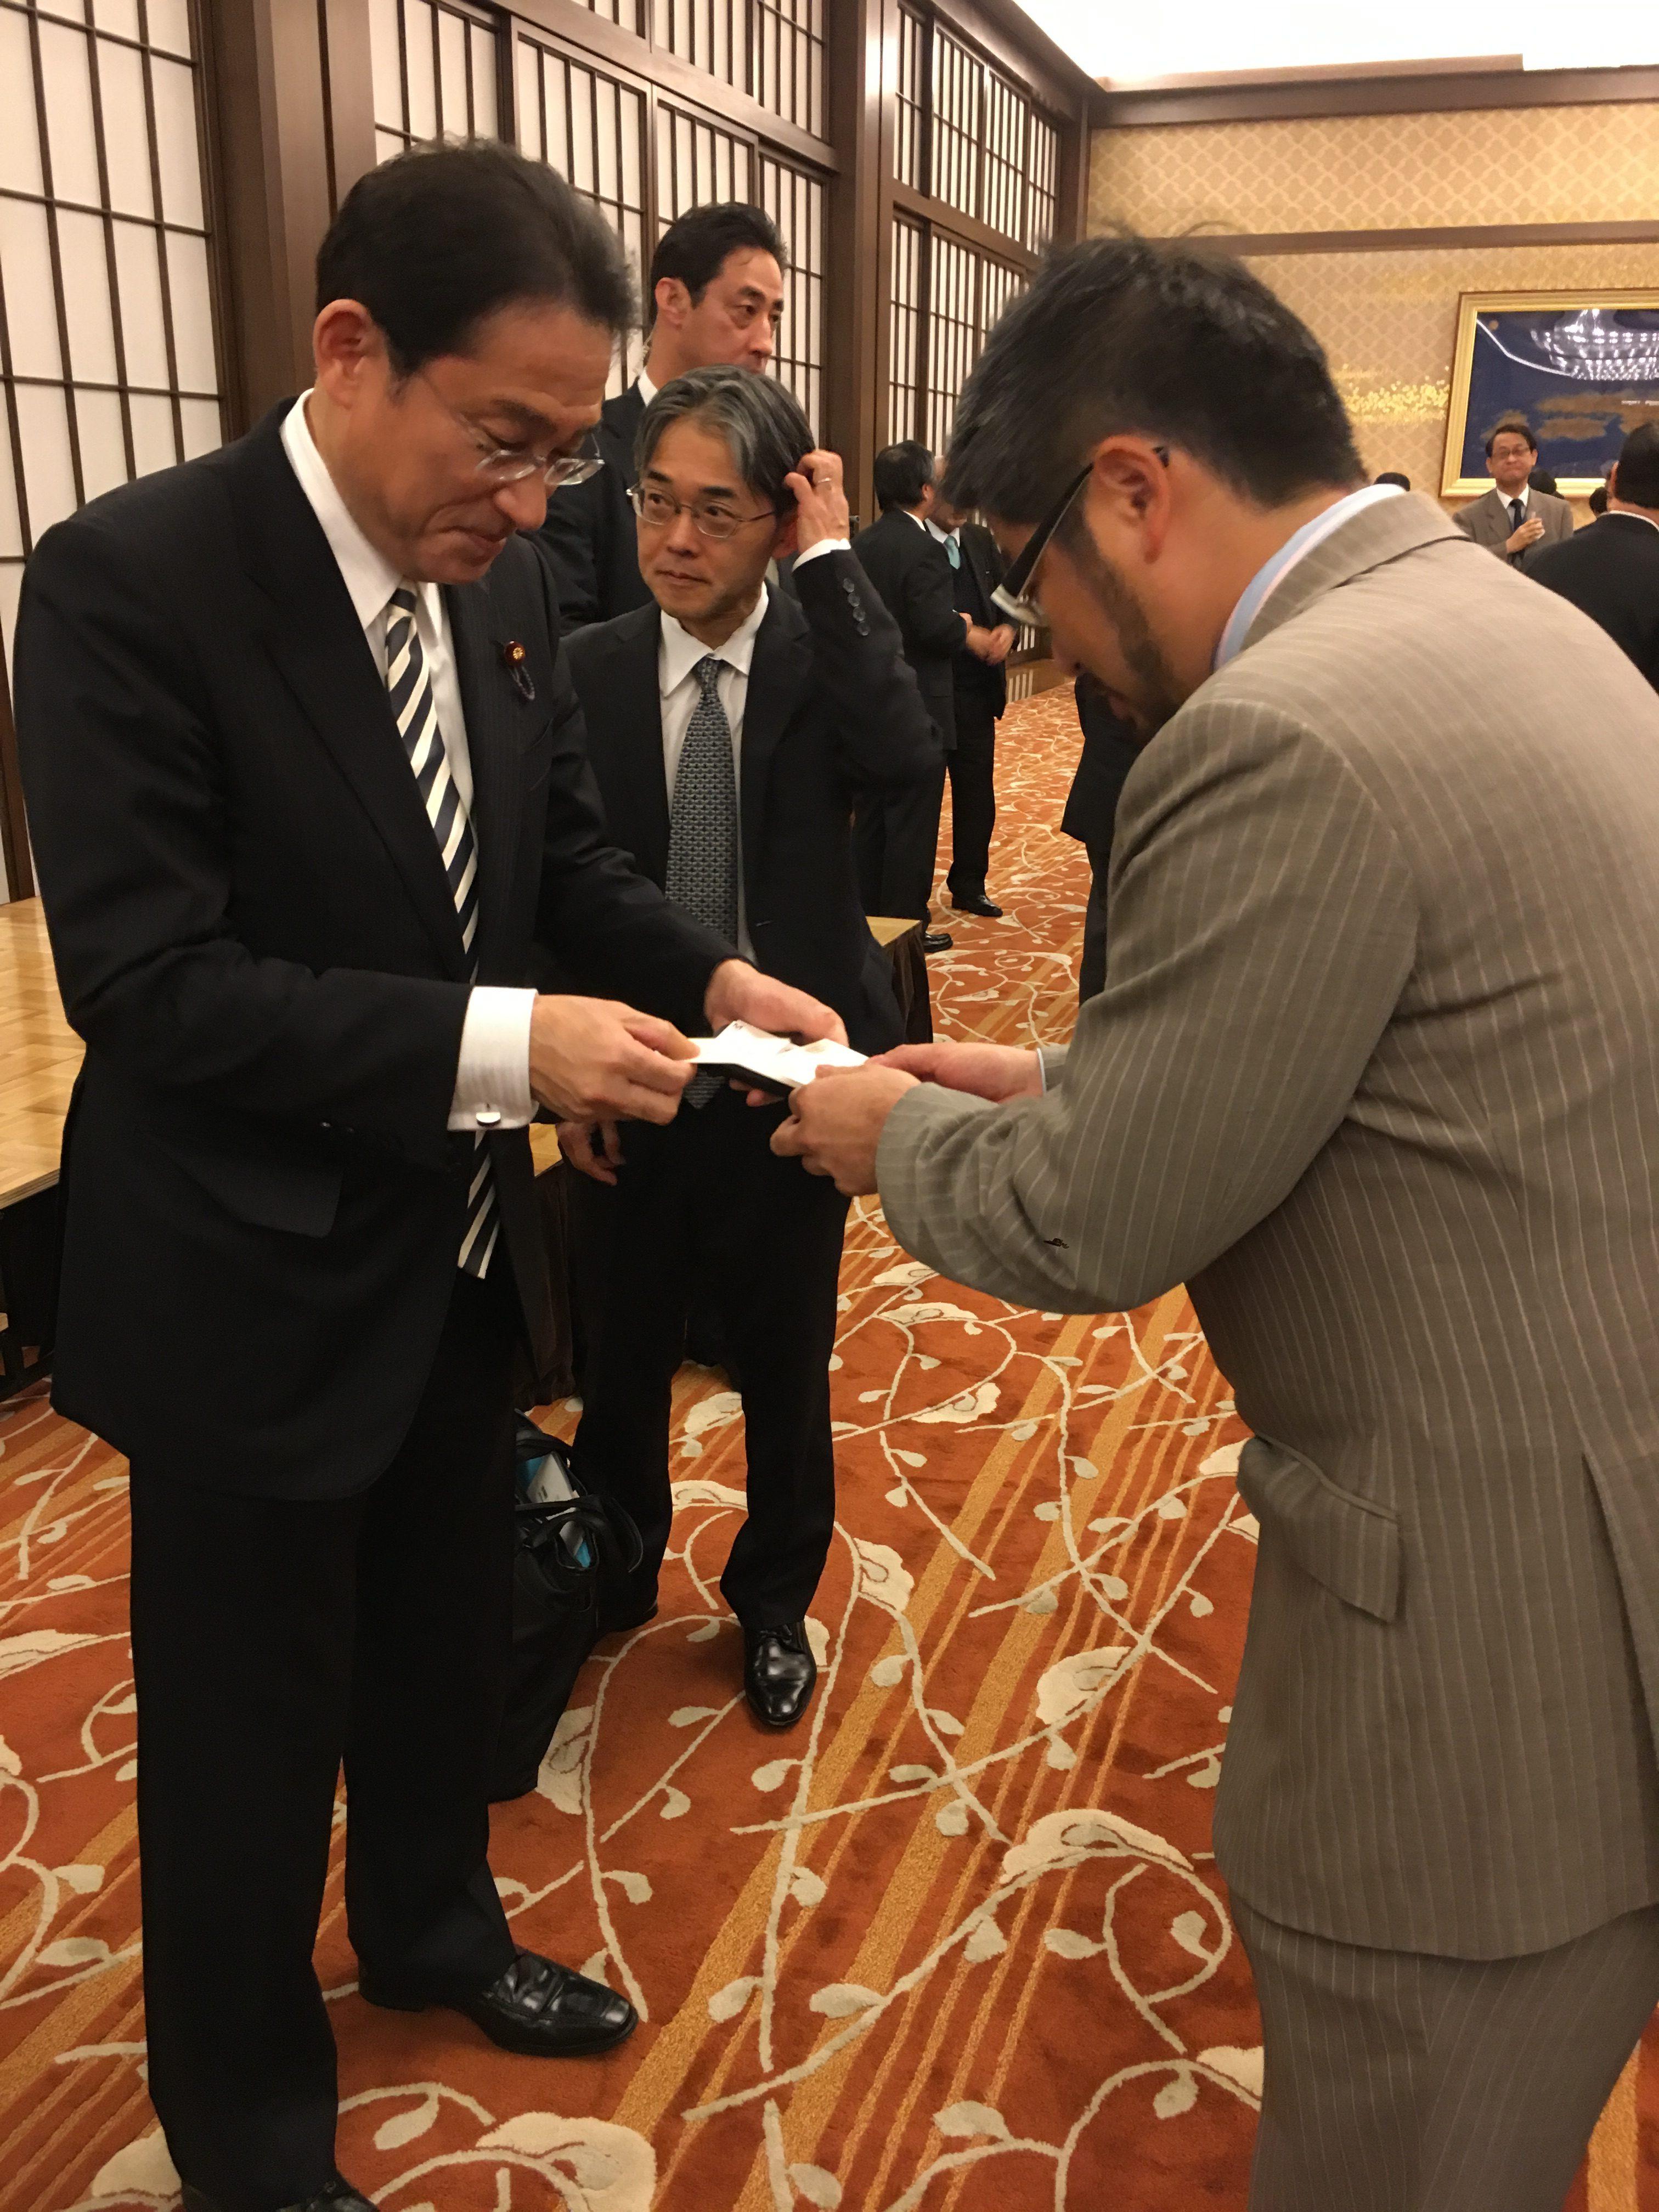 中南米大使会議レセプション参加 (Participación en la recepción de la conferencia de los embajadores japoneses en America Latina)